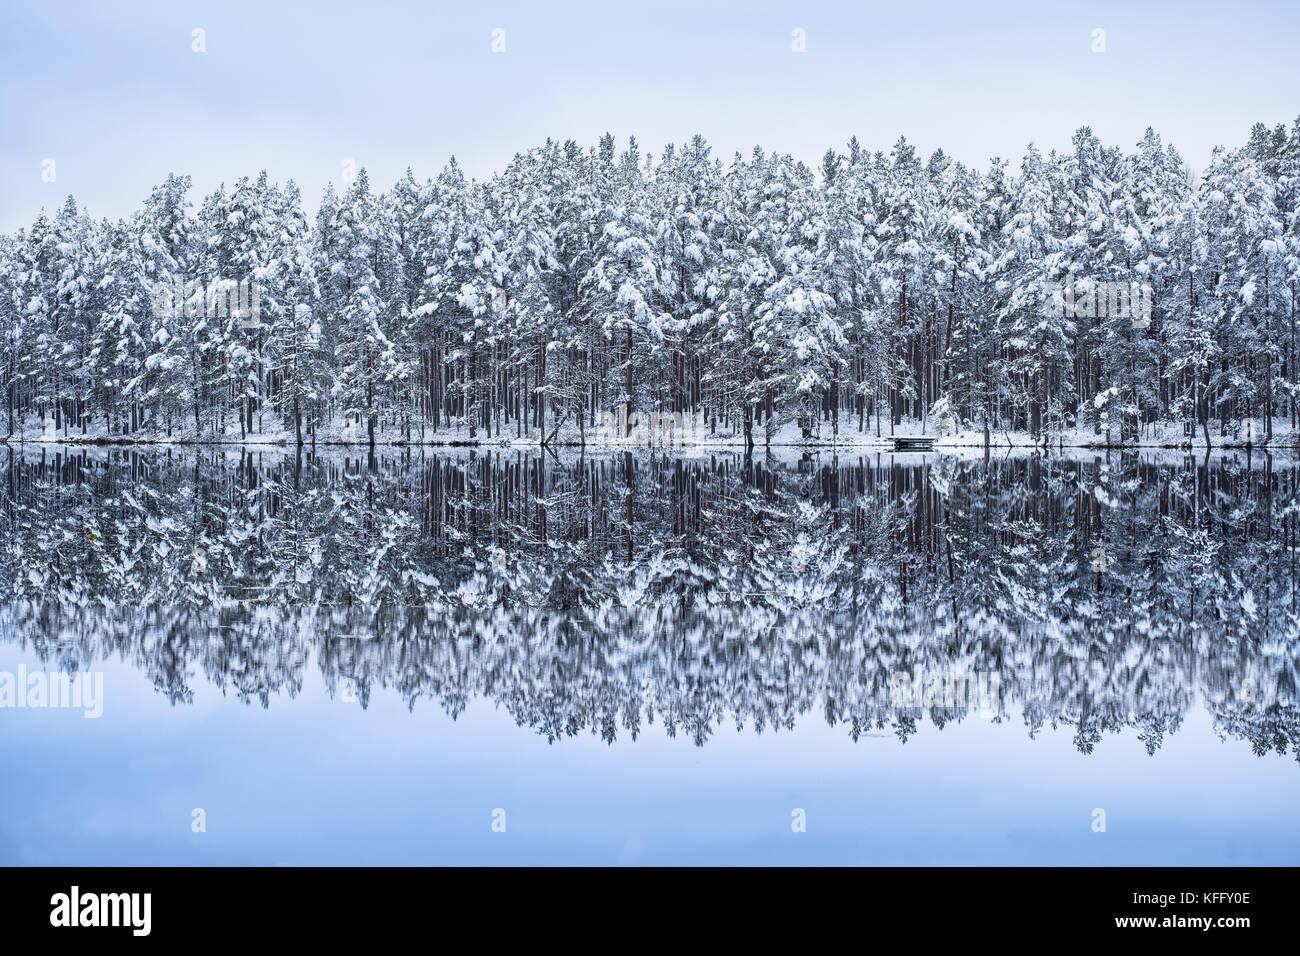 El paisaje con el lago reflexión y nieve en invierno por la noche Imagen De Stock